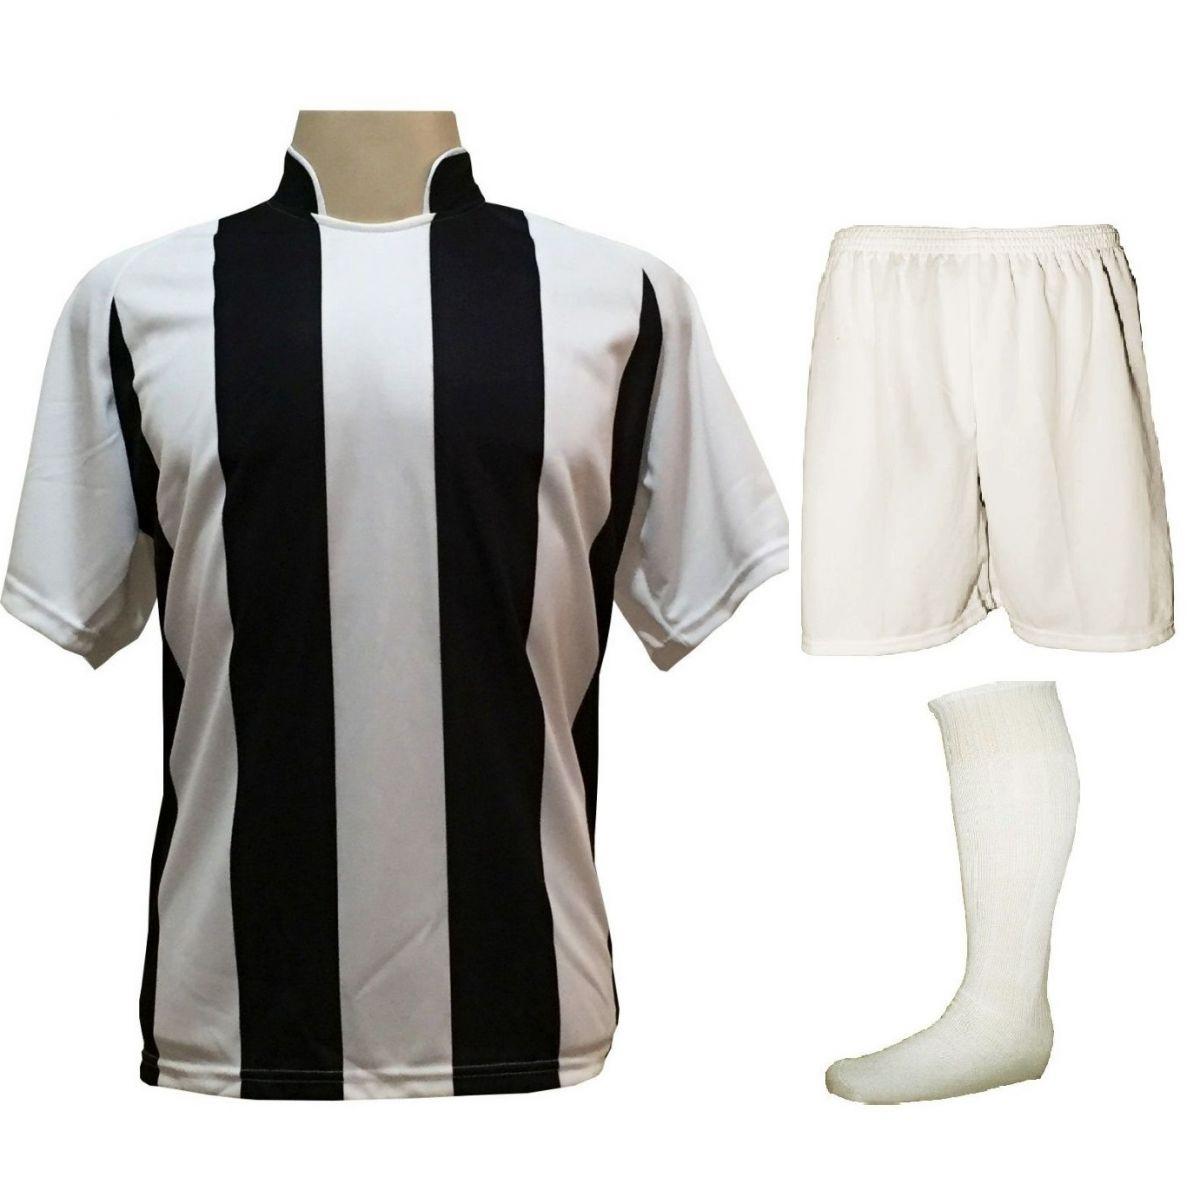 Uniforme Esportivo com 12 Camisas modelo Milan Branco/Preto + 12 Calções modelo Madrid Branco + 12 Pares de meiões Branco